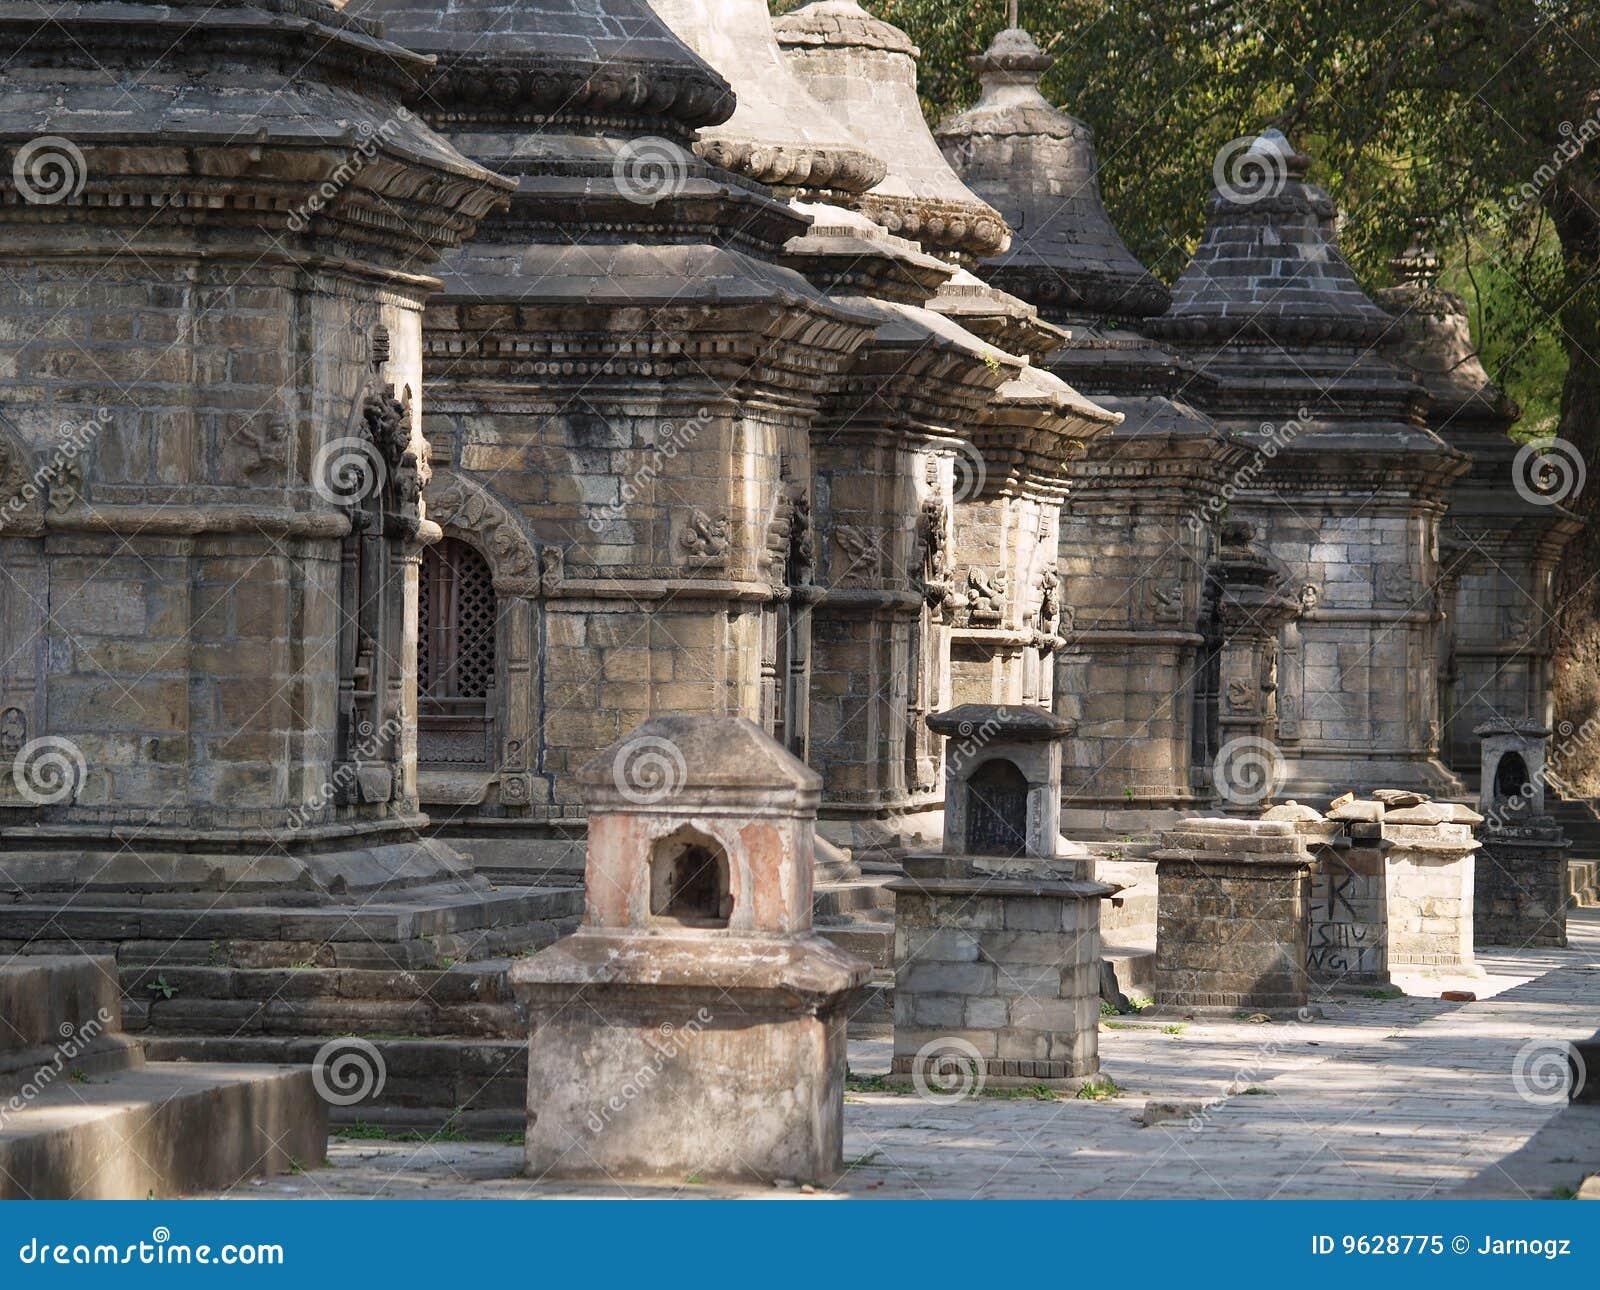 pashupatinath temple free - photo #4